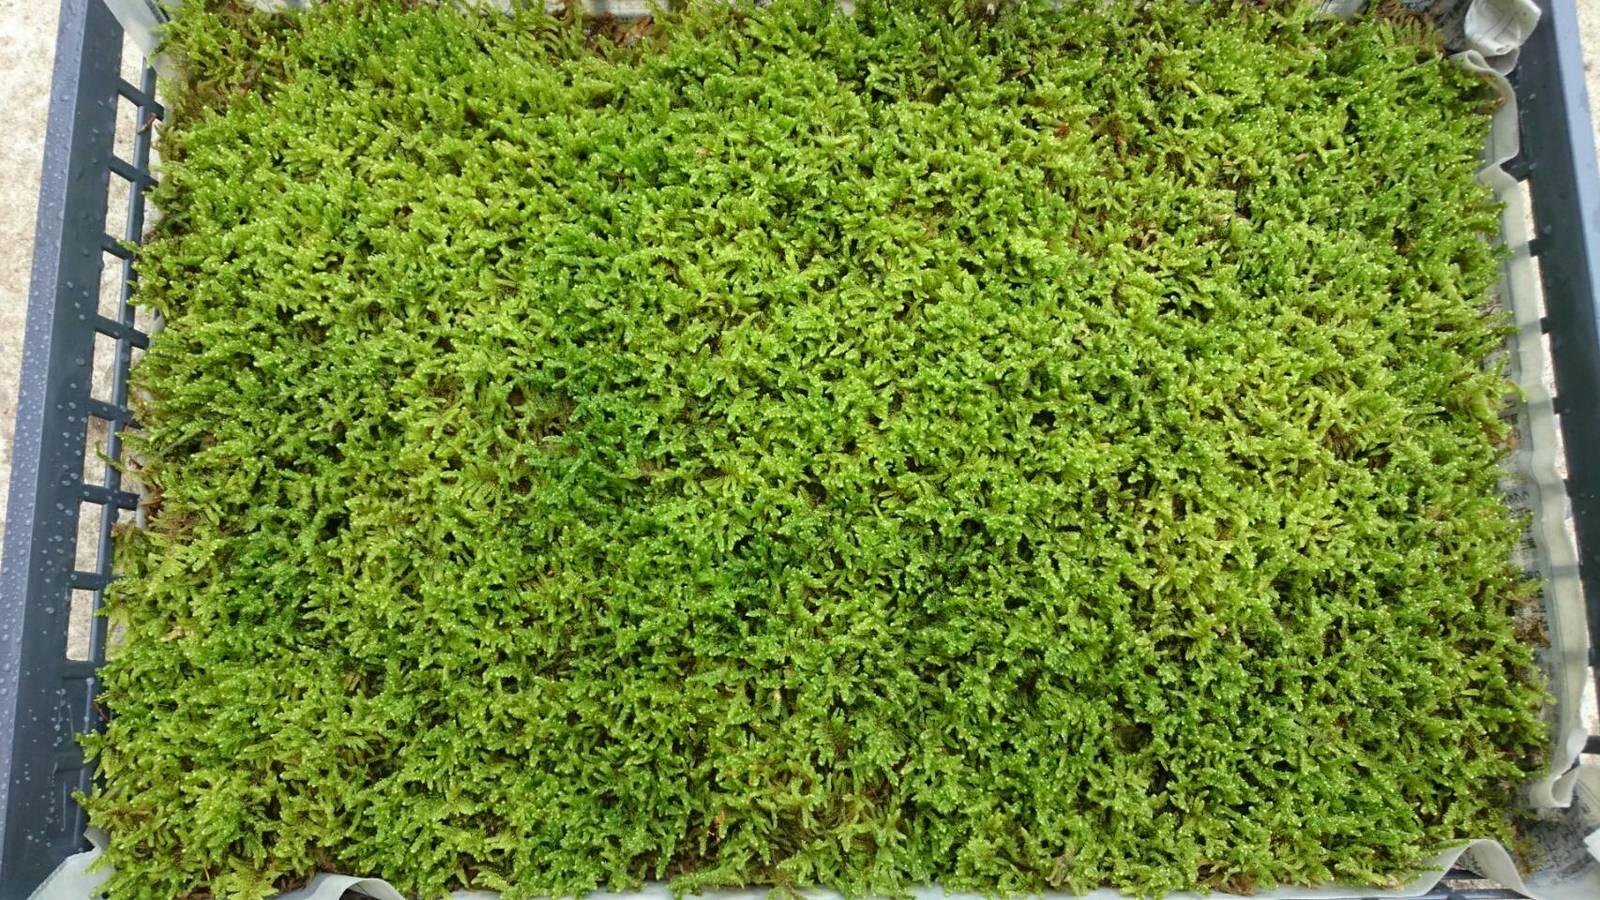 栽培品 ハイゴケ 大トレー 55×37 苔玉 テラリウム 造園素材等 管理説明書付き